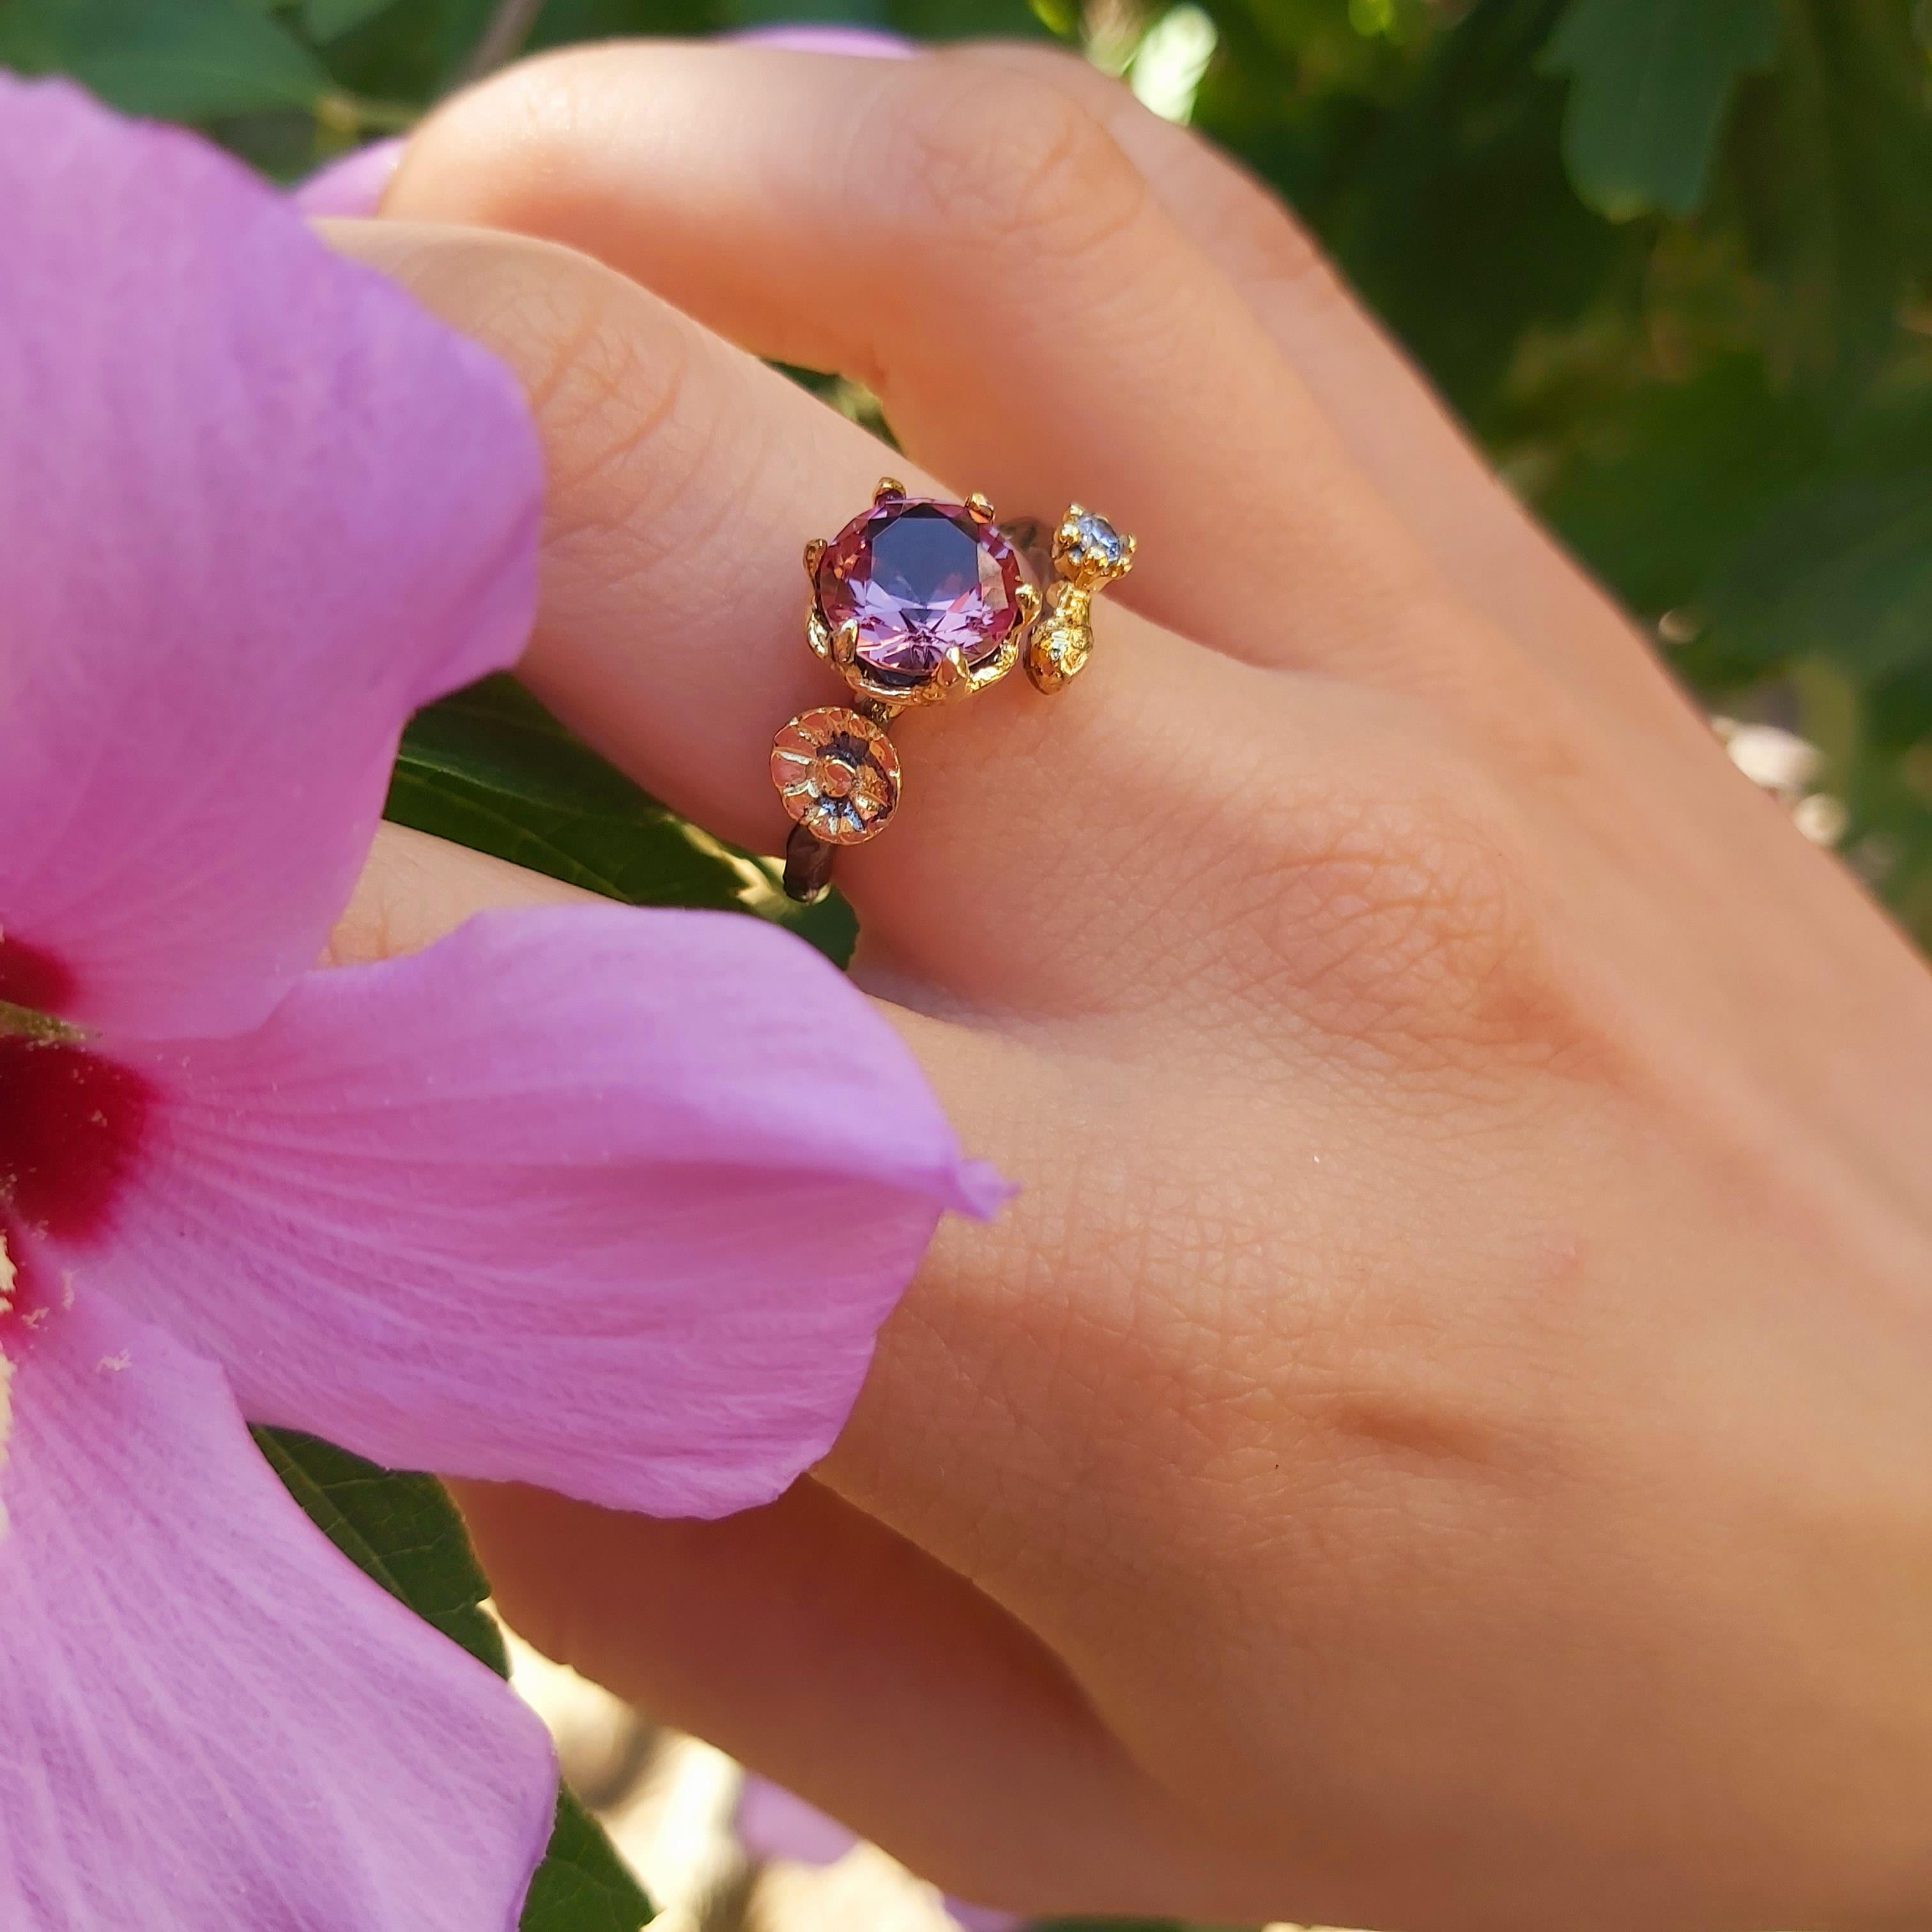 Diaspore элегантные ювелирные изделия из чистого серебра в форме цветка кольцо для женщин Zultanite S925 кольцо ручной работы дизайн